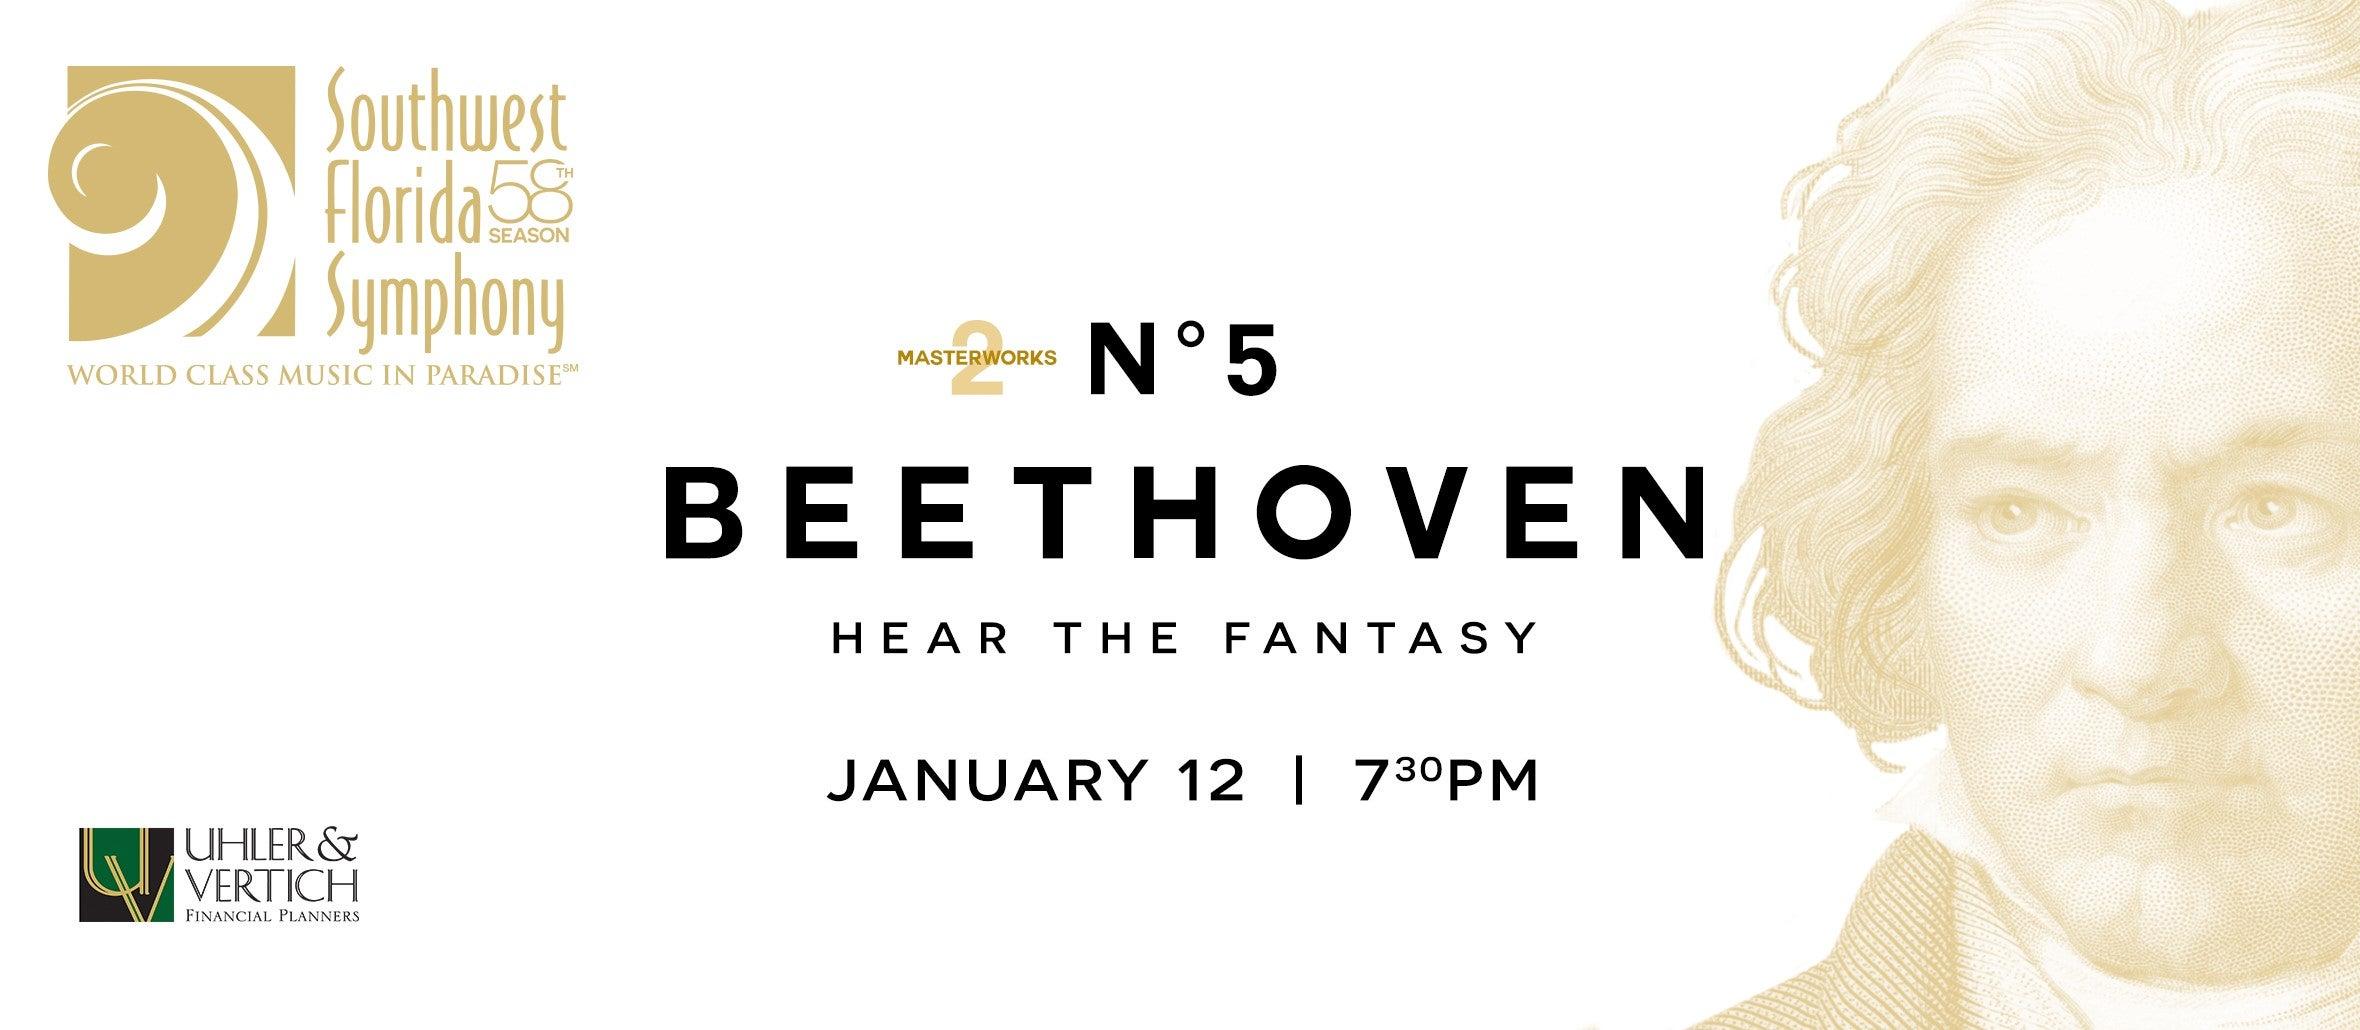 Southwest Florida Symphony: Beethoven No. 5